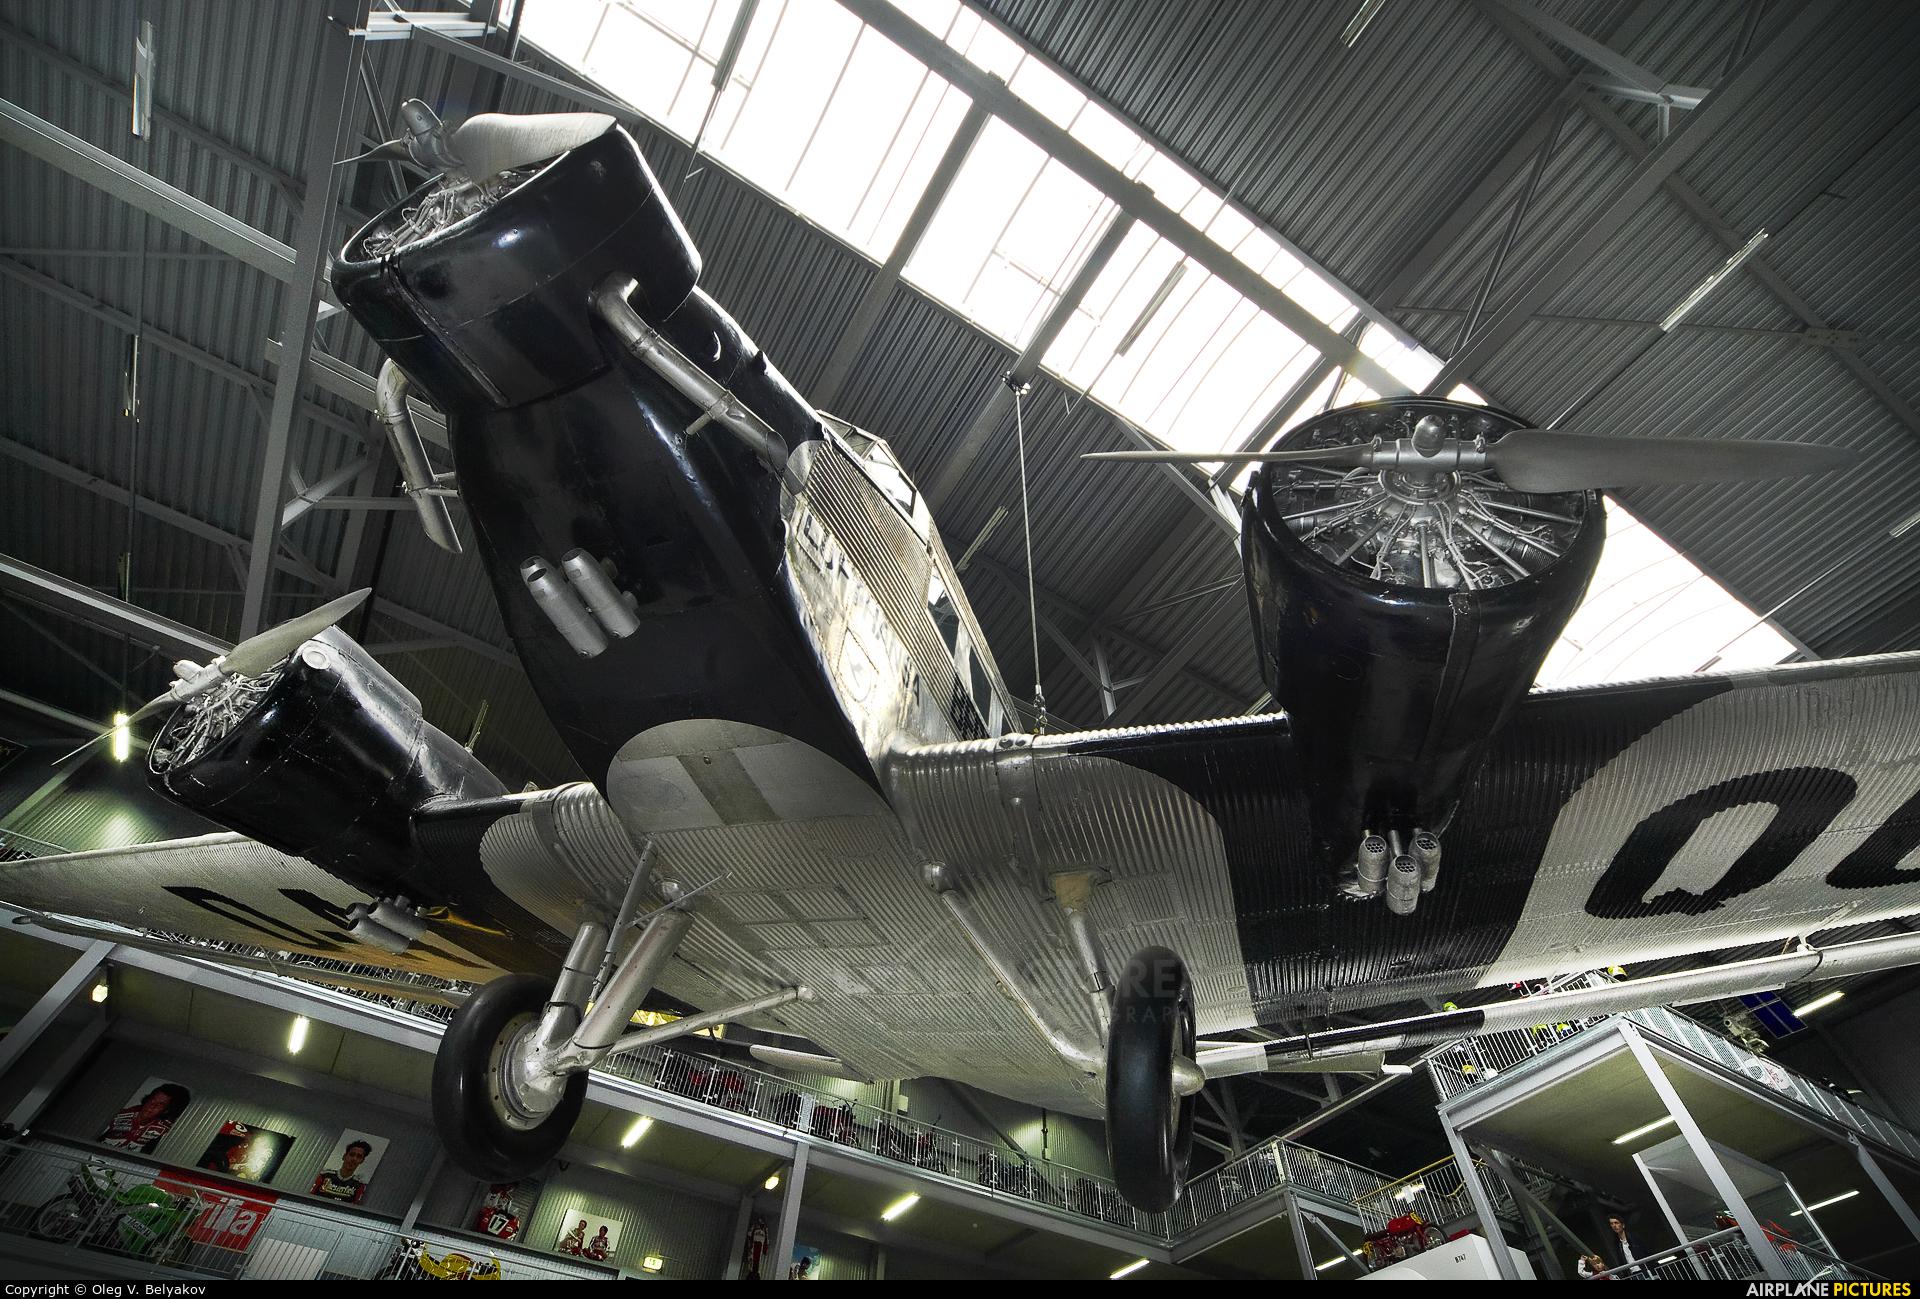 Lufthansa (Berlin-Stiftung) D-AQUI aircraft at Speyer, Technikmuseum